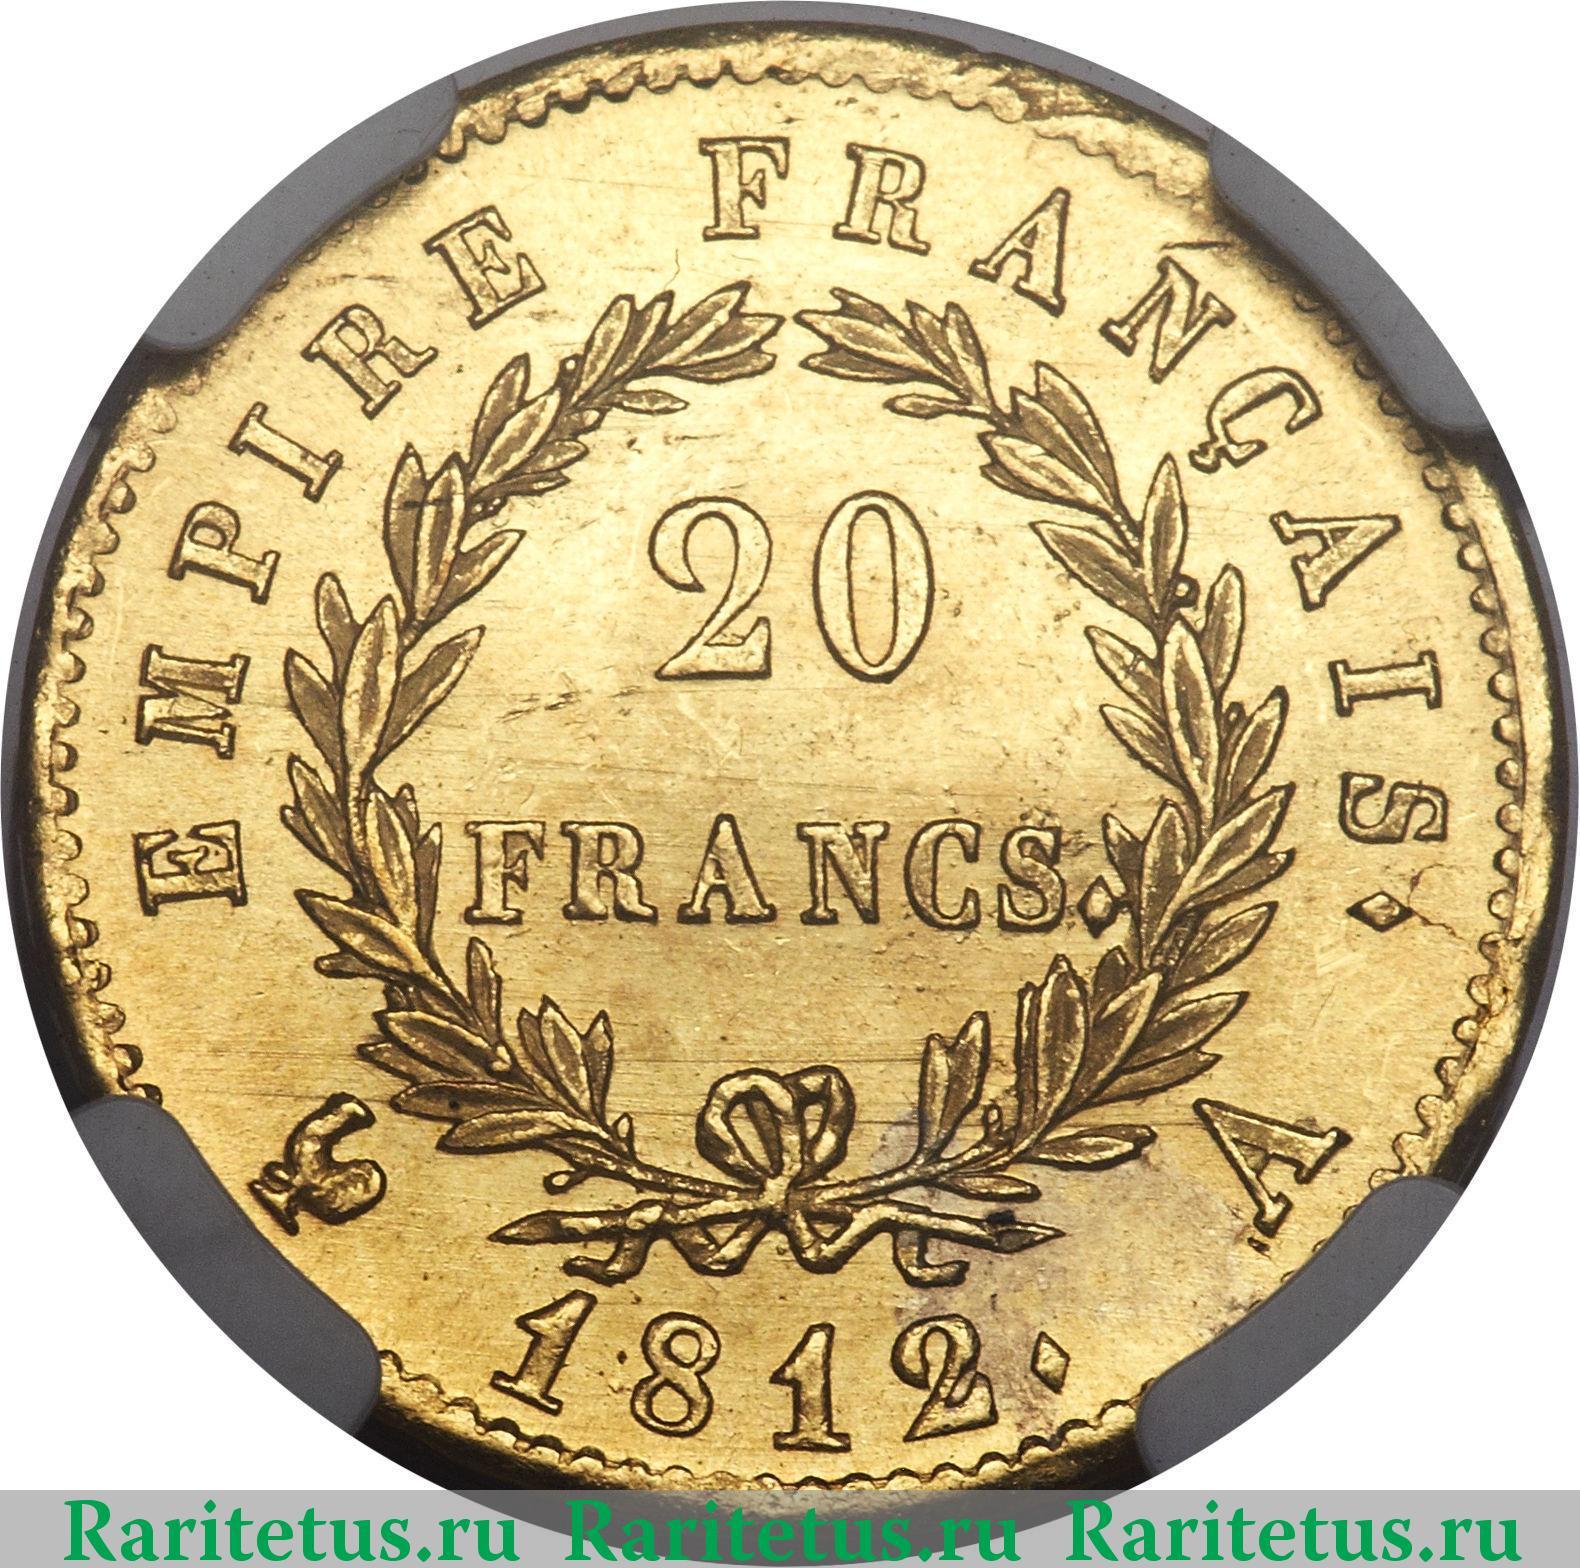 Монета в 20 франков название 20 копеек 1932 года